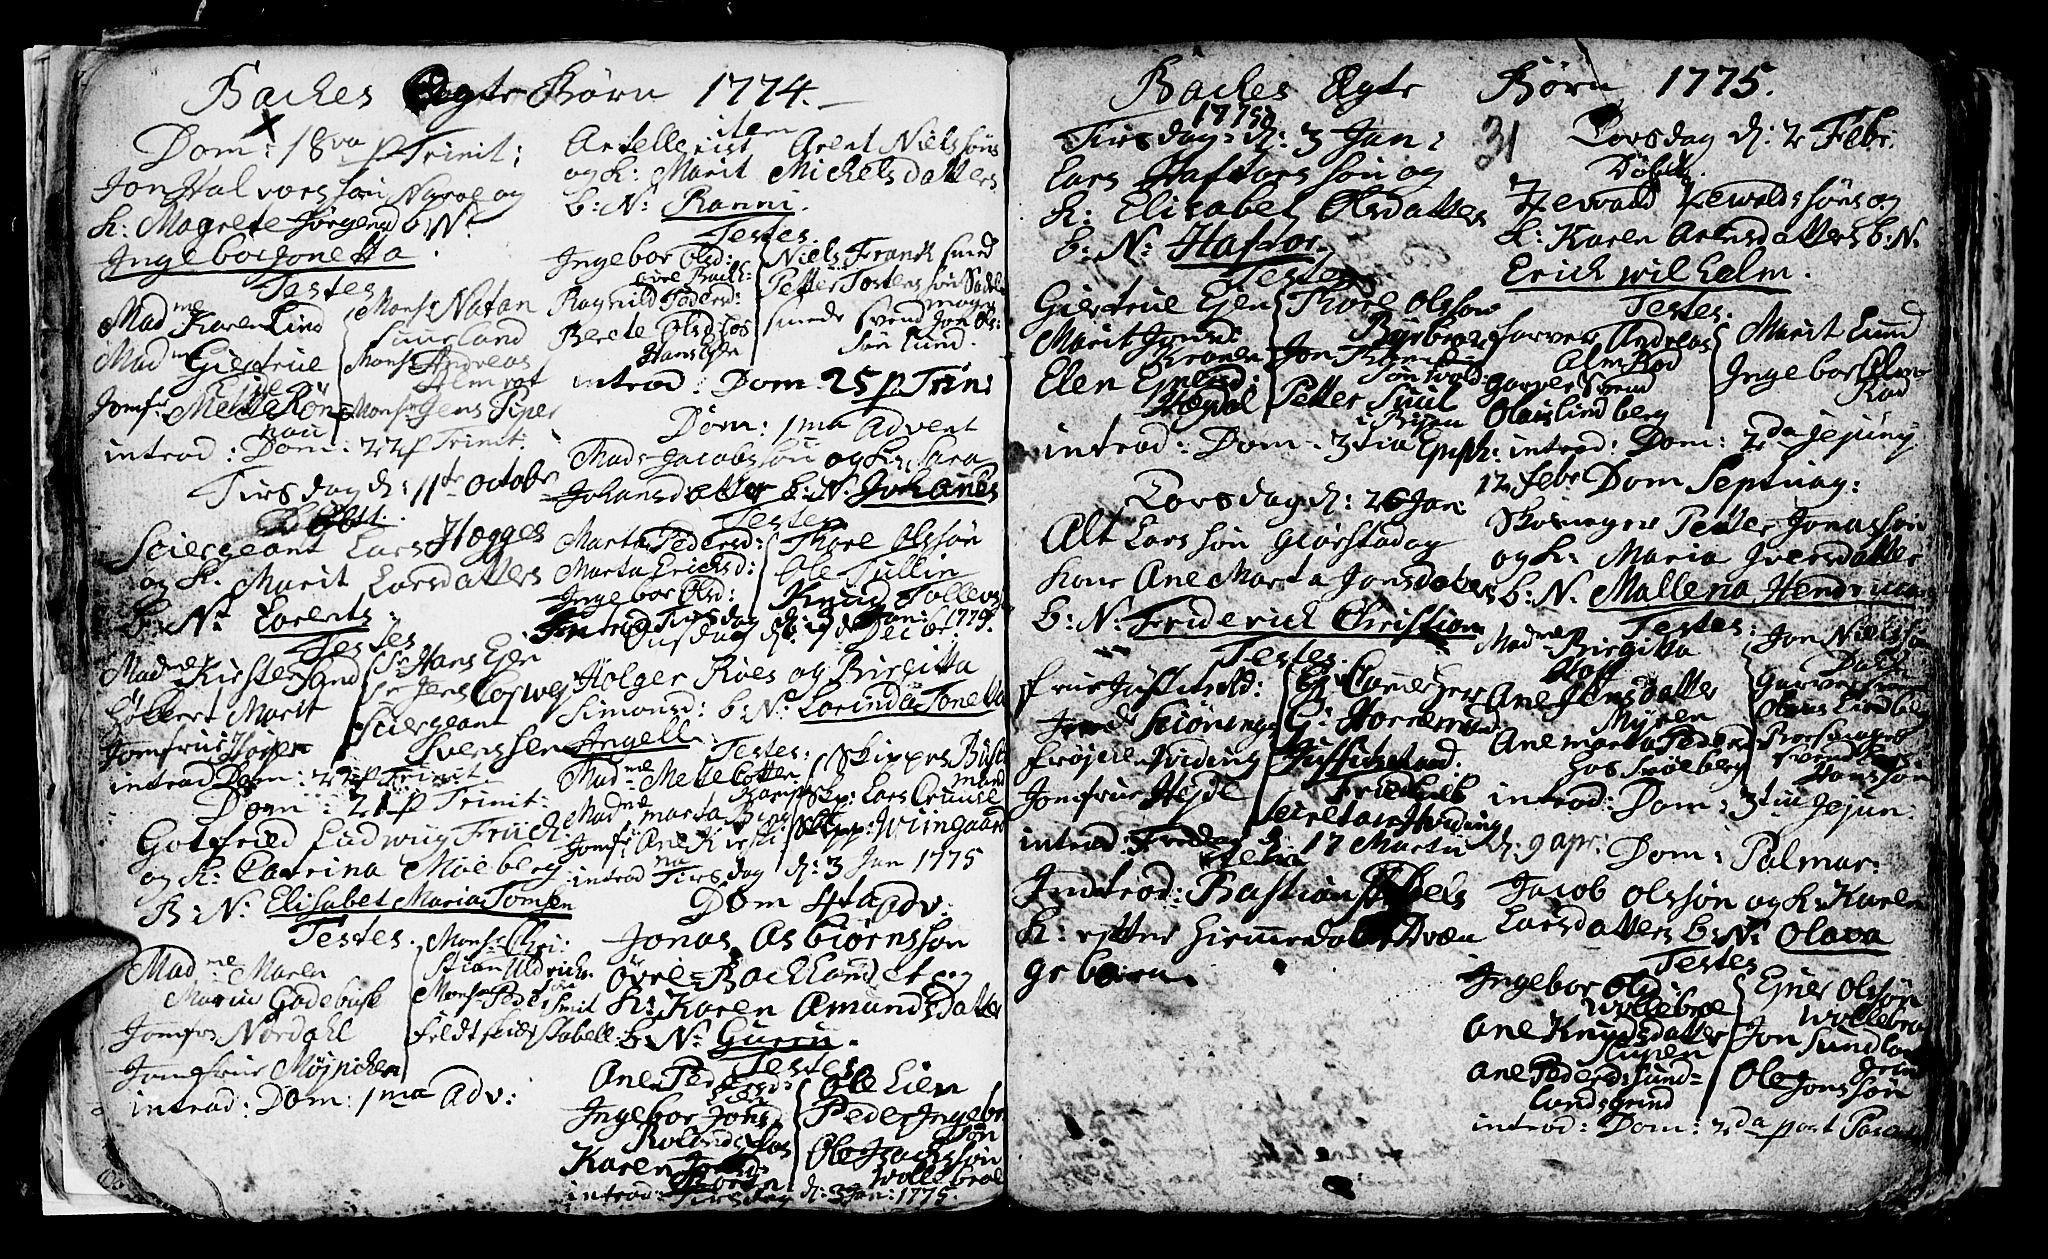 SAT, Ministerialprotokoller, klokkerbøker og fødselsregistre - Sør-Trøndelag, 604/L0218: Klokkerbok nr. 604C01, 1754-1819, s. 31